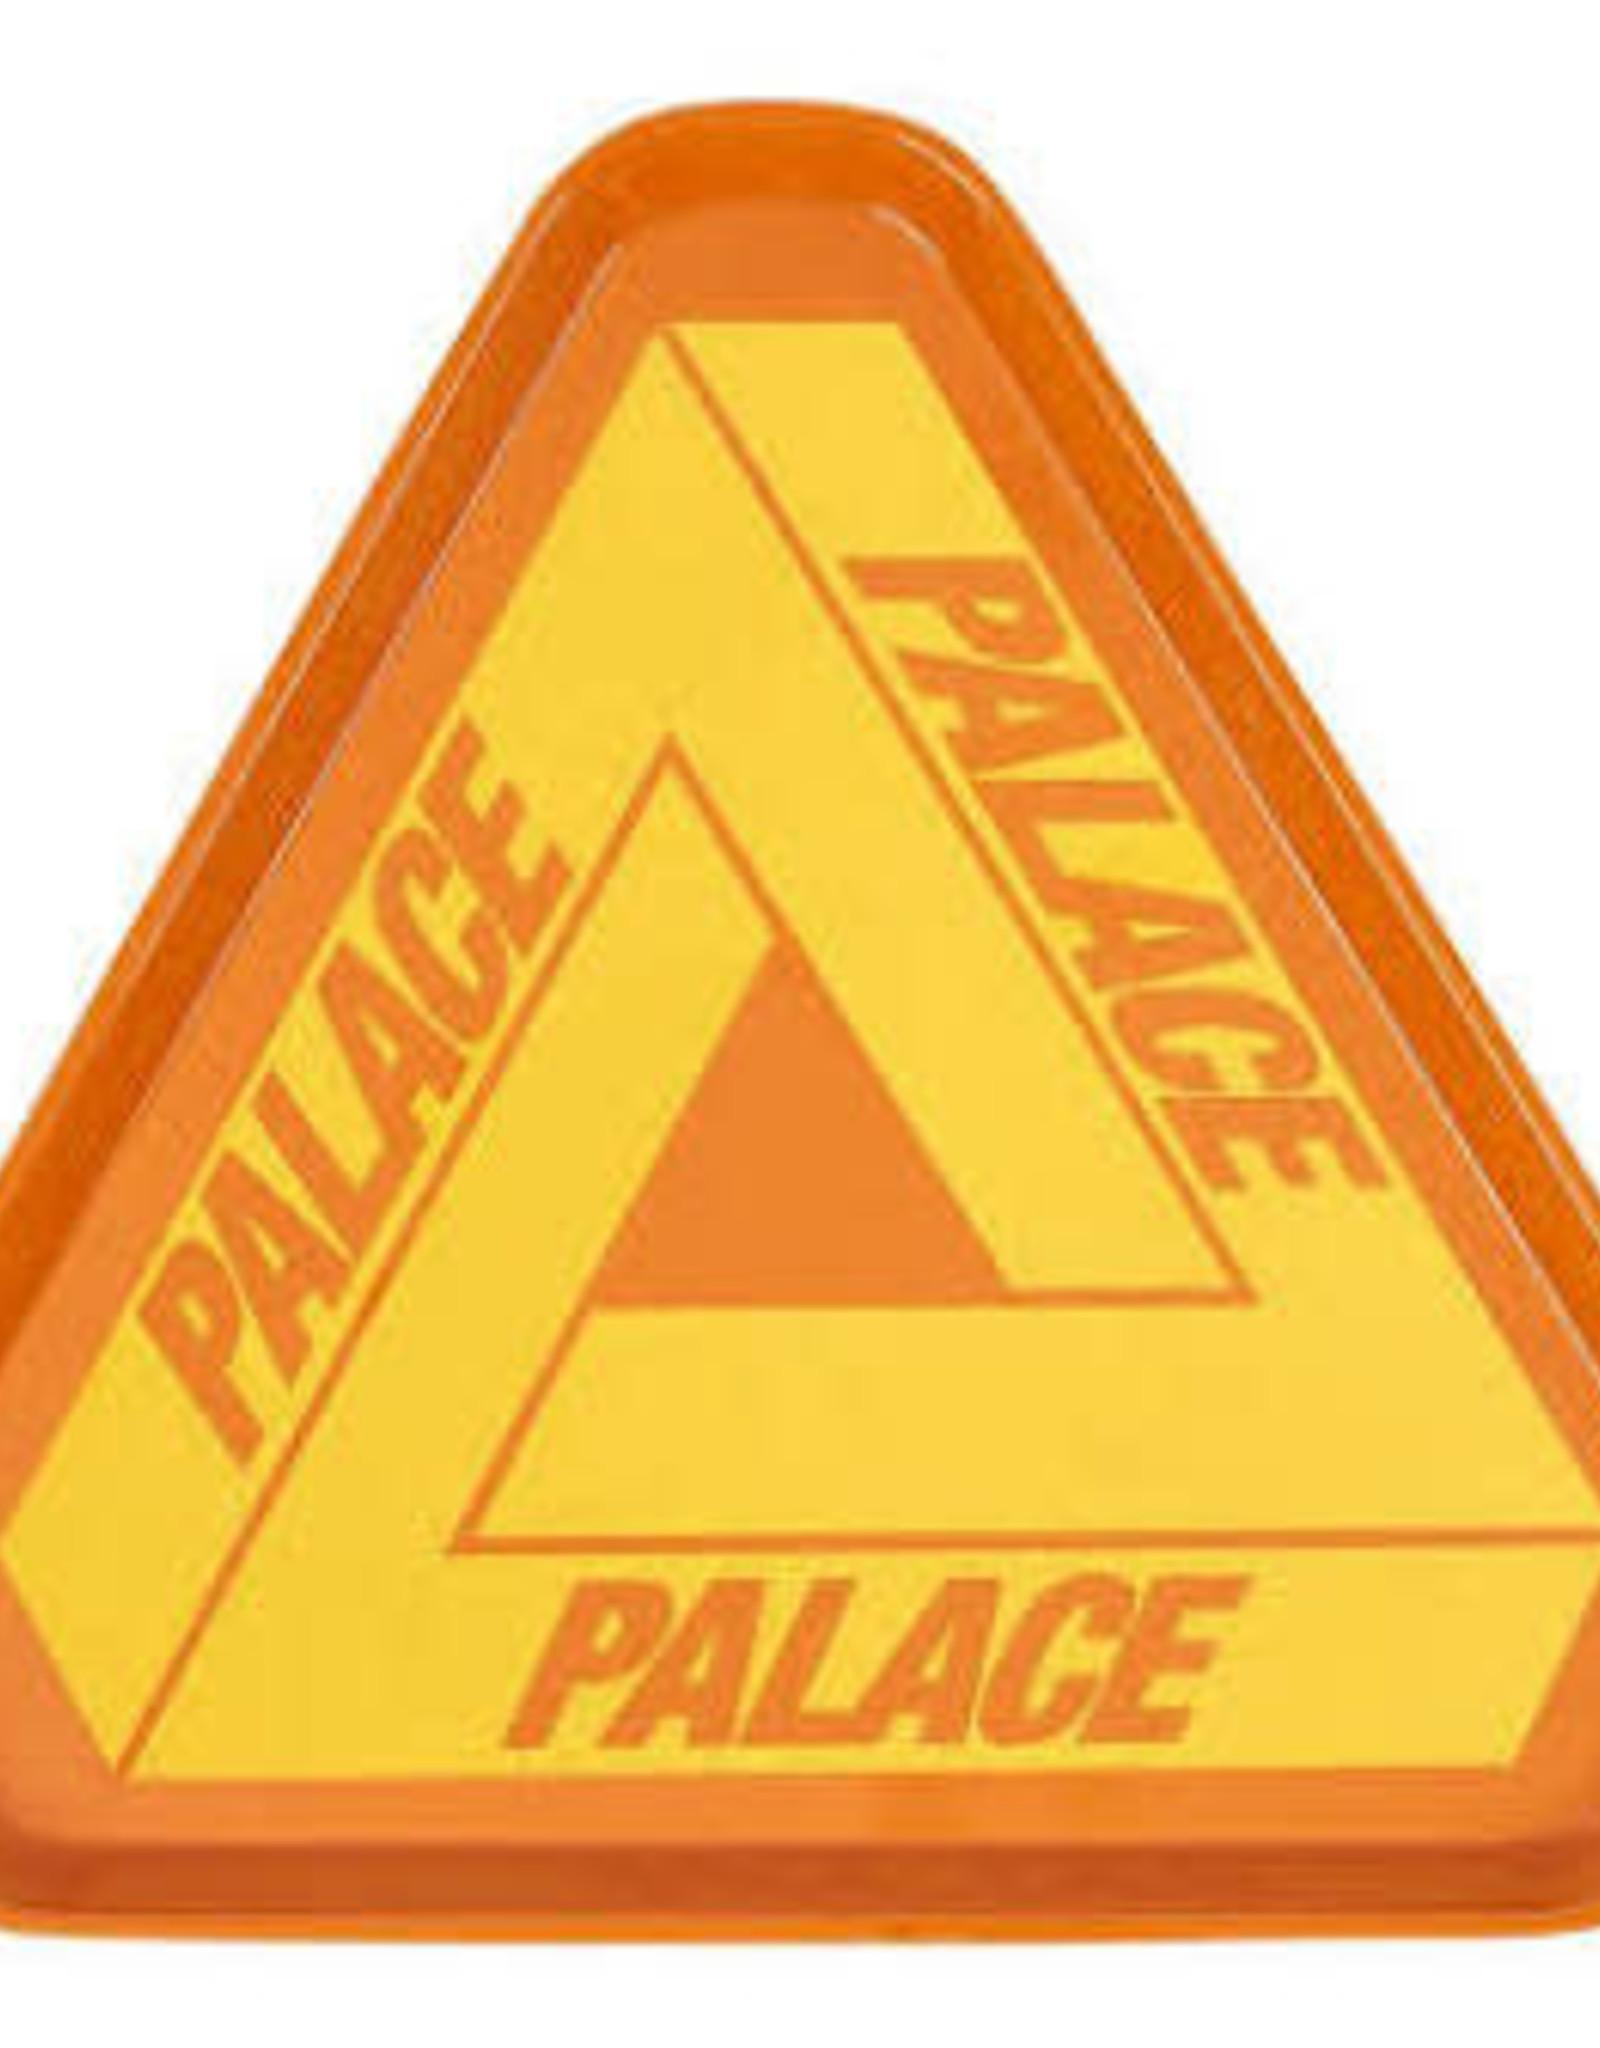 PALACE PALACE TRI FERG TRAY ORANGE DS